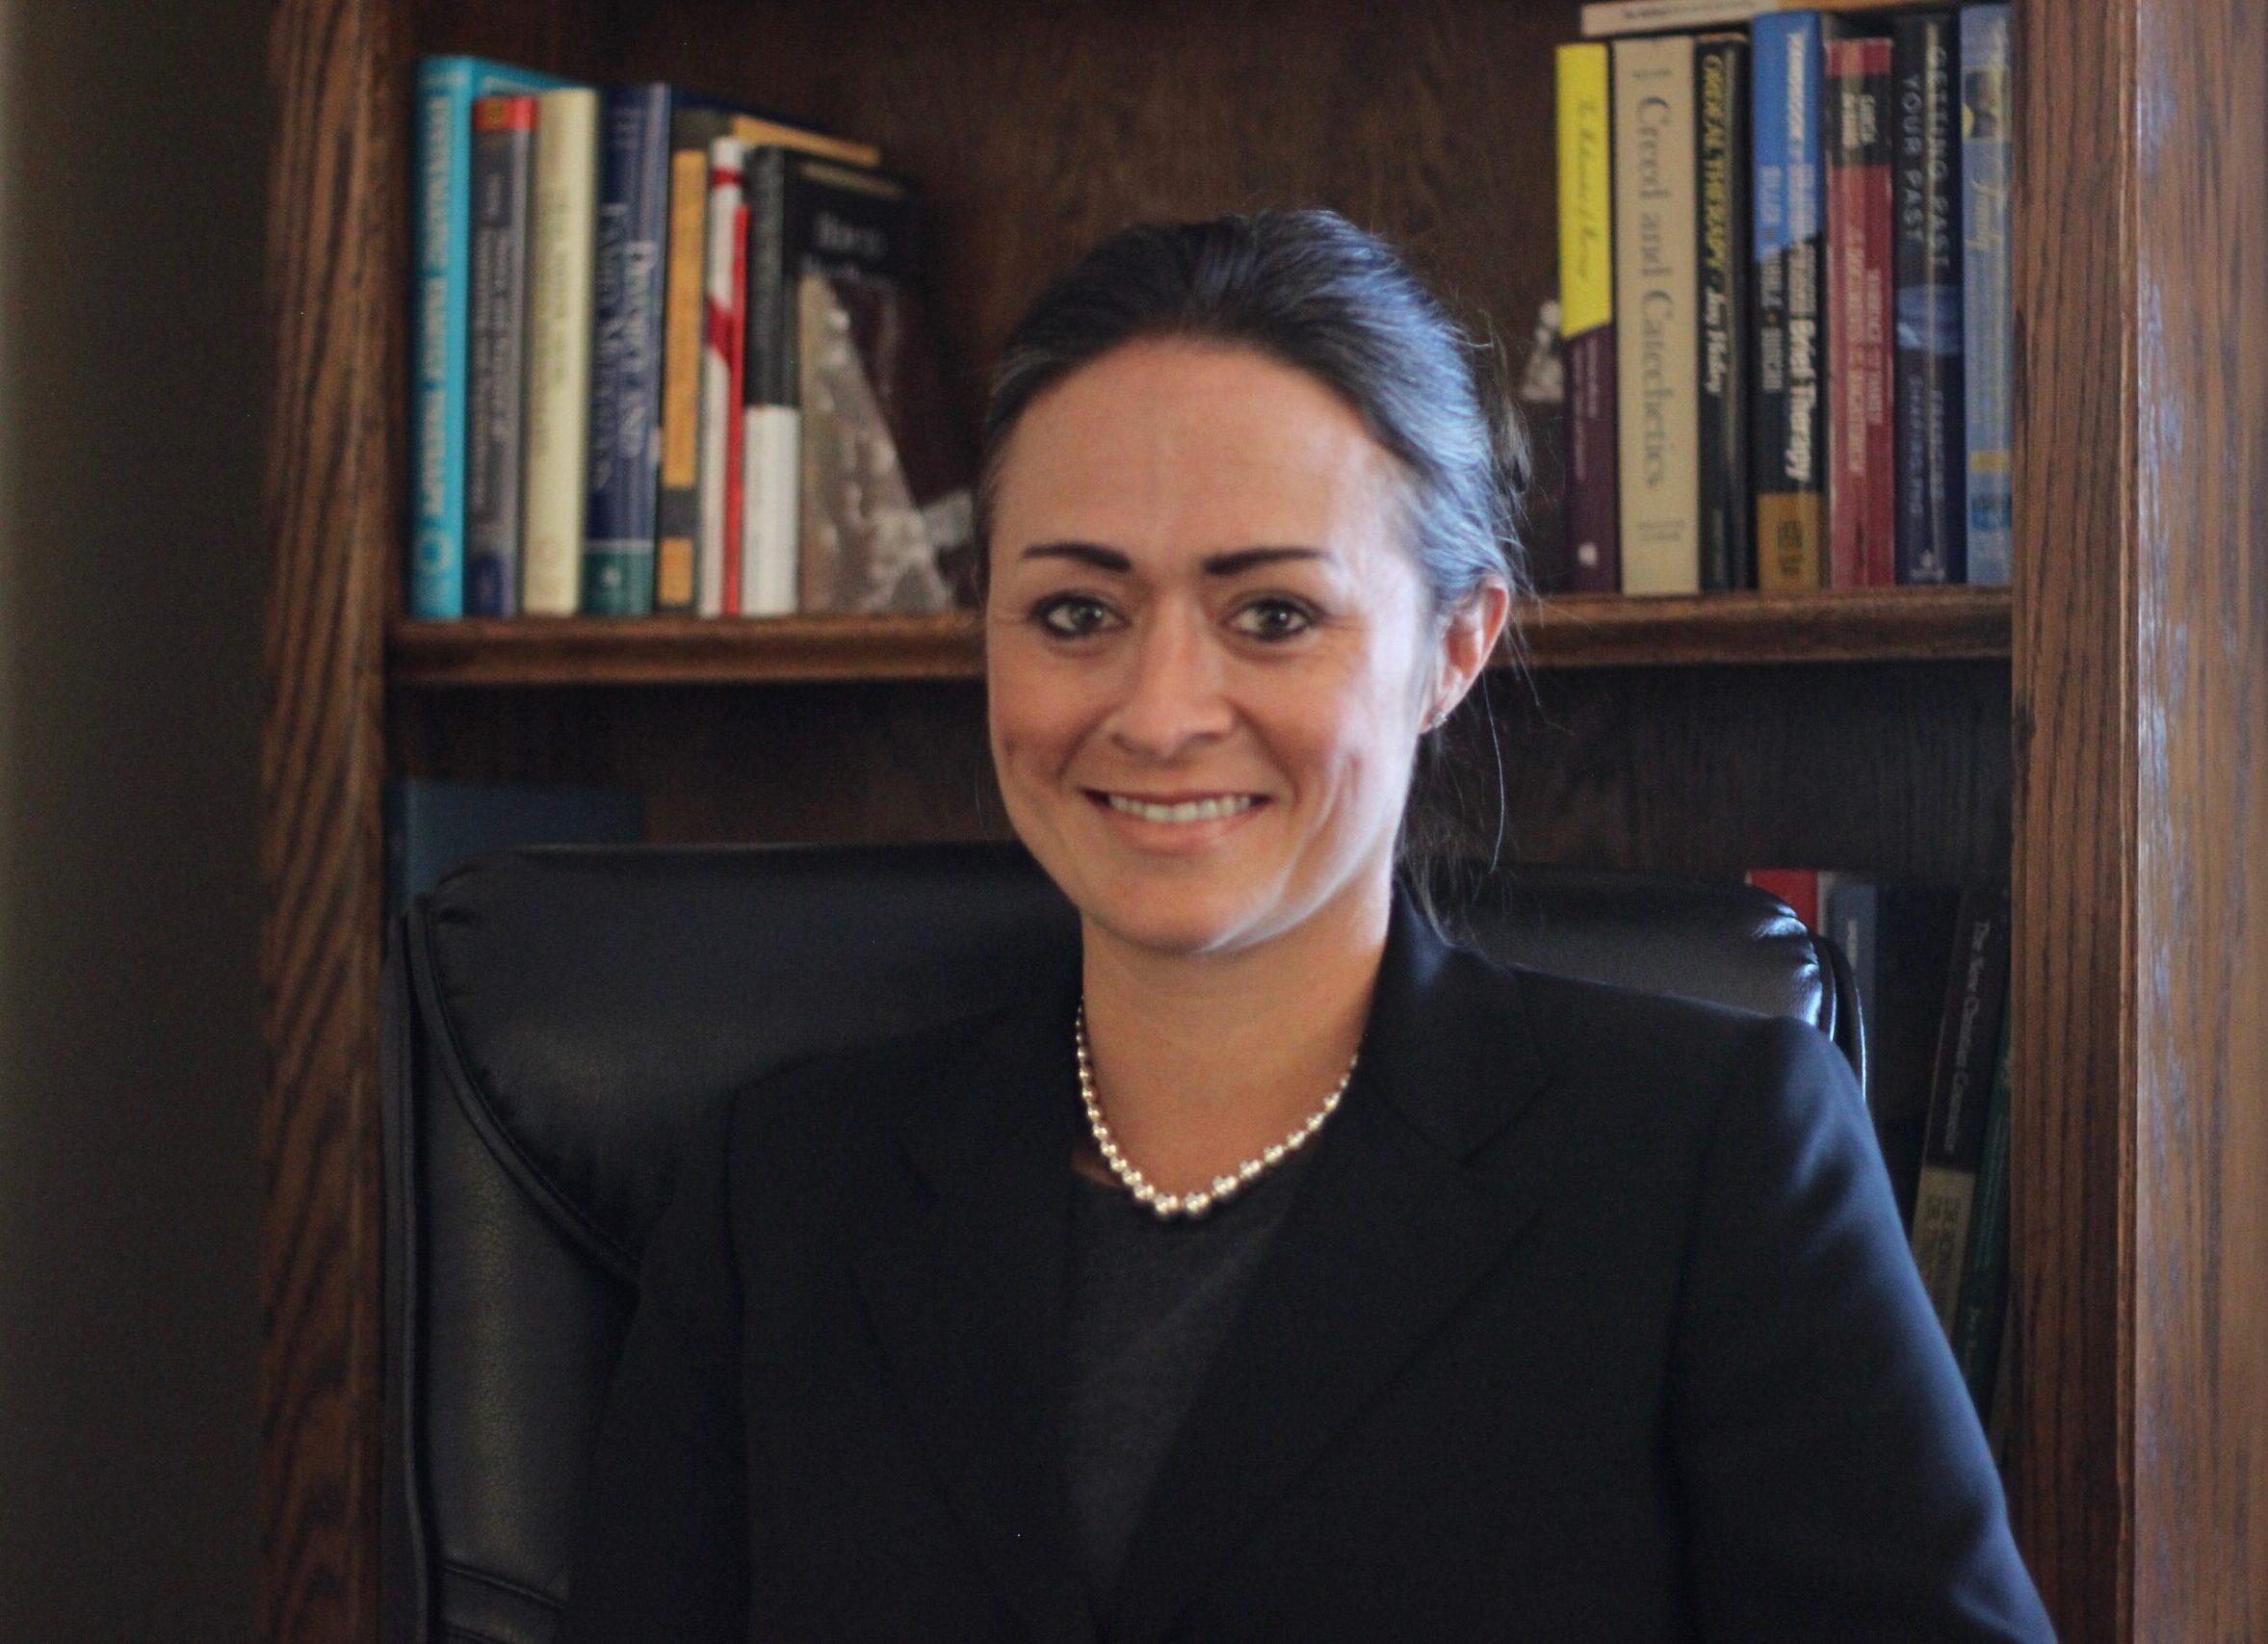 Dr. Whitni Buckles, PhD, LMHC